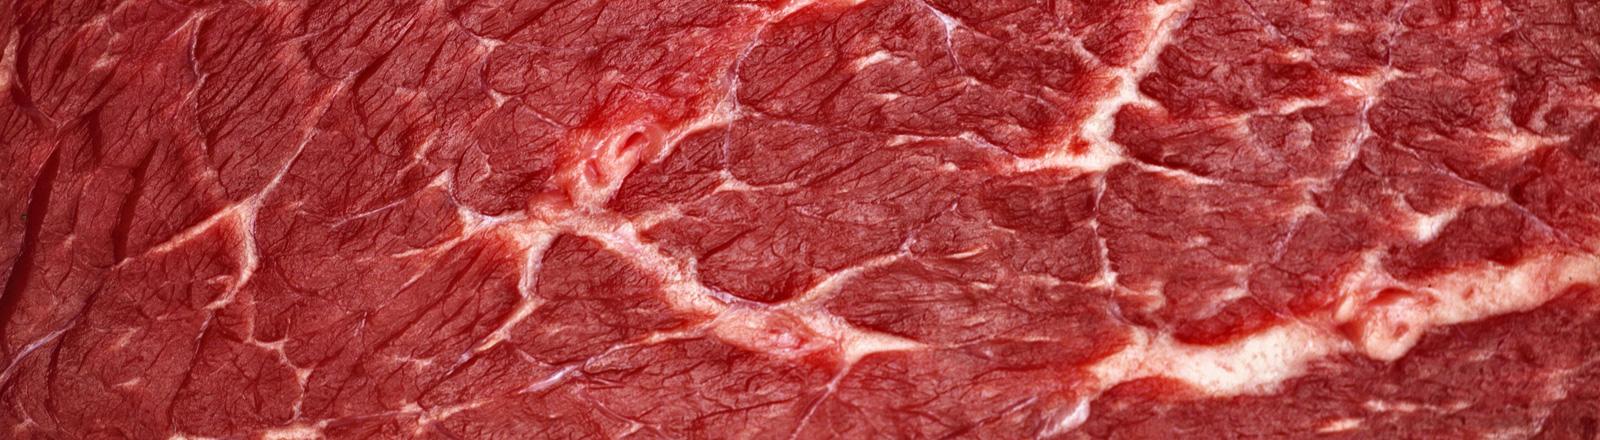 Ein rohes Stück Fleisch in Nahaufnahme.